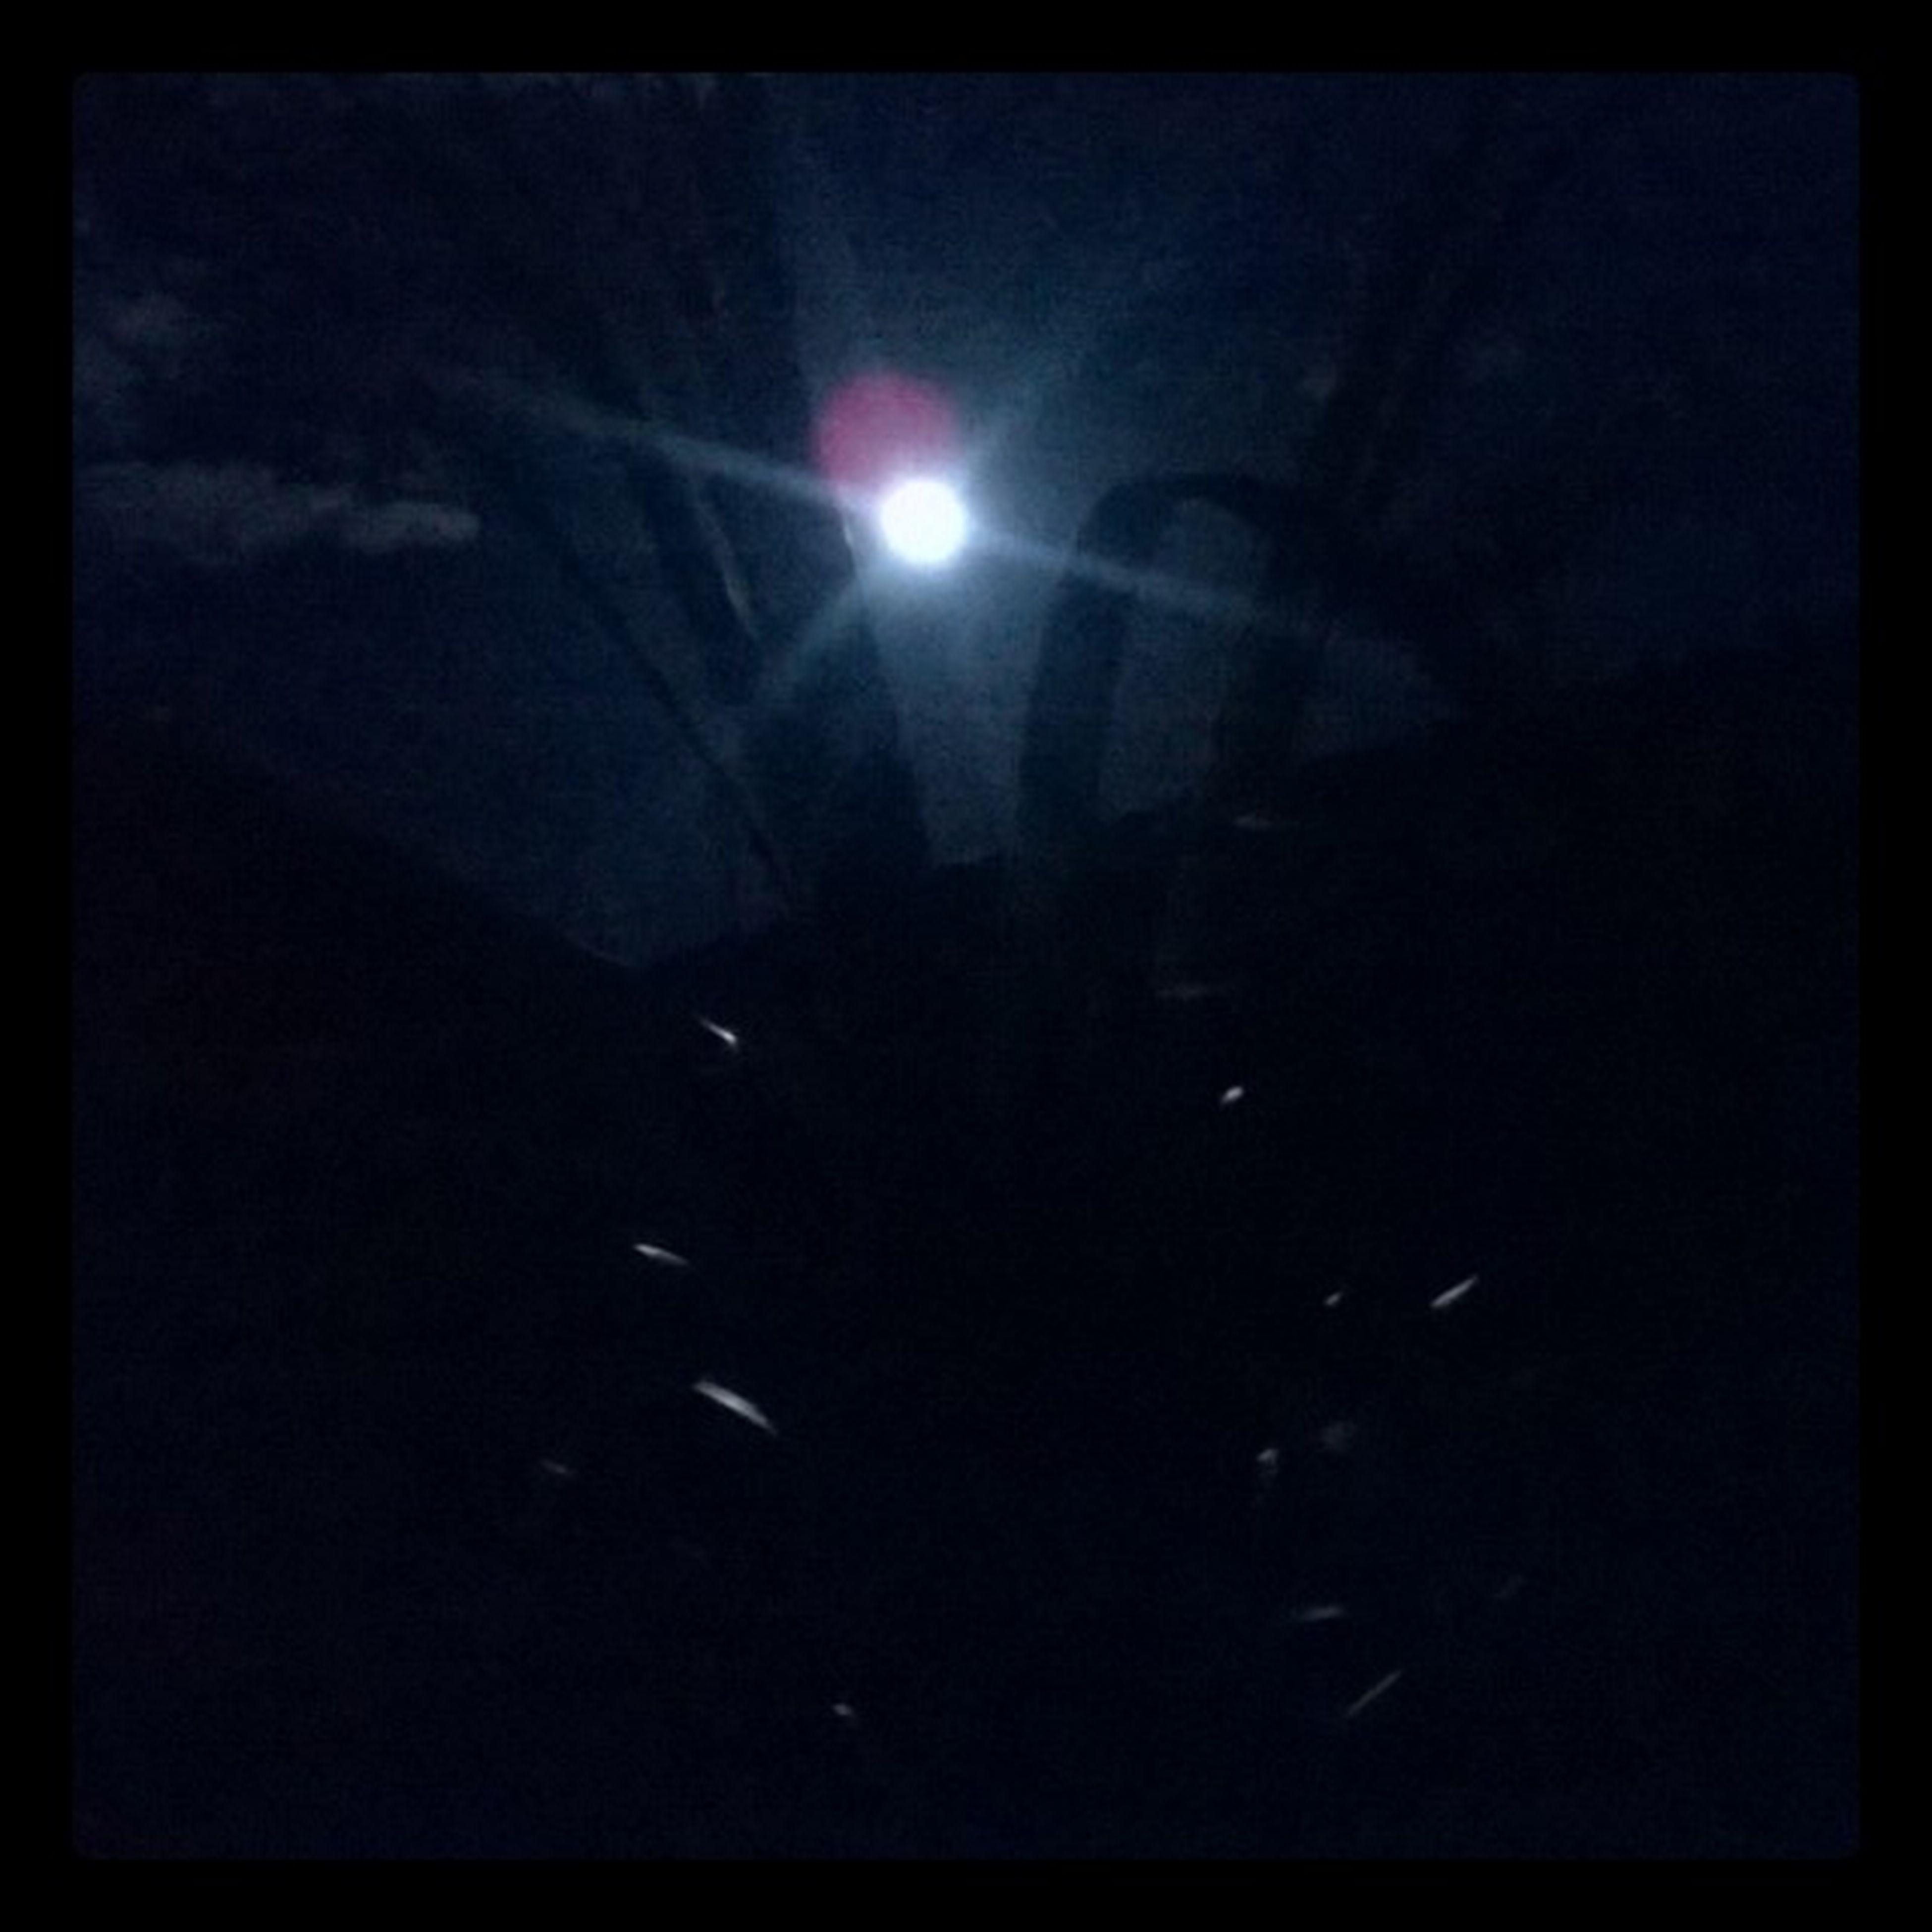 Que essa lua ta brilhando mais que o sol !! Moon Nature Meuquintal Arpuro brisa grandelua lua feeling goodenergys night